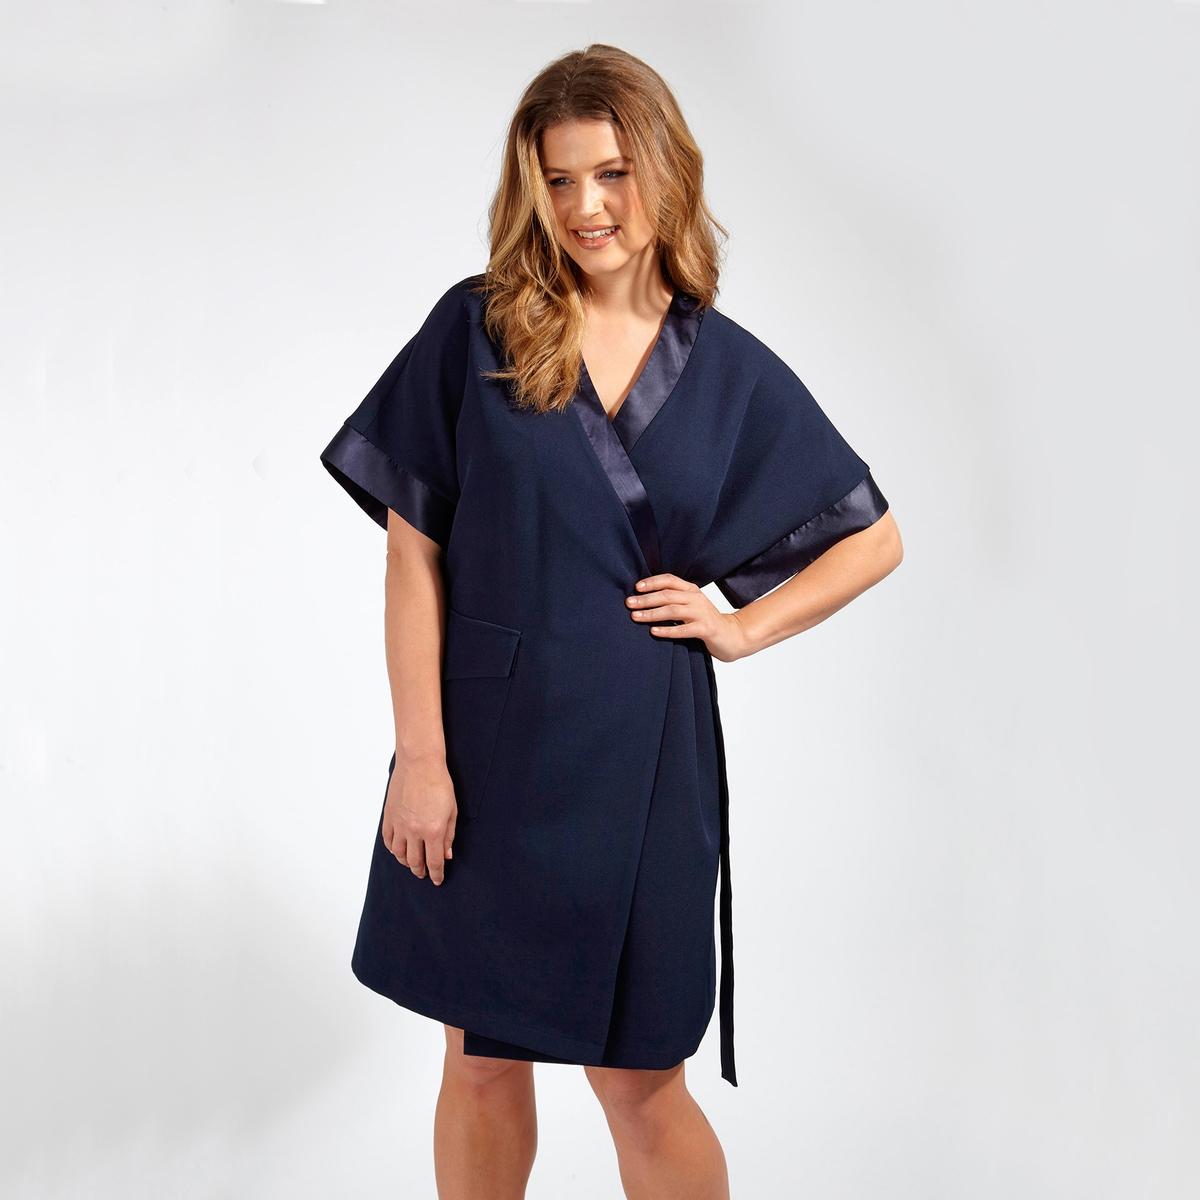 ПлатьеПлатье с короткими рукавами LOVEDROBE. Платье присборено на талии с помощью завязок. Боковой карман. Широкие рукава  . 100% полиэстер<br><br>Цвет: синий морской<br>Размер: 48 (FR) - 54 (RUS).46 (FR) - 52 (RUS).44 (FR) - 50 (RUS)